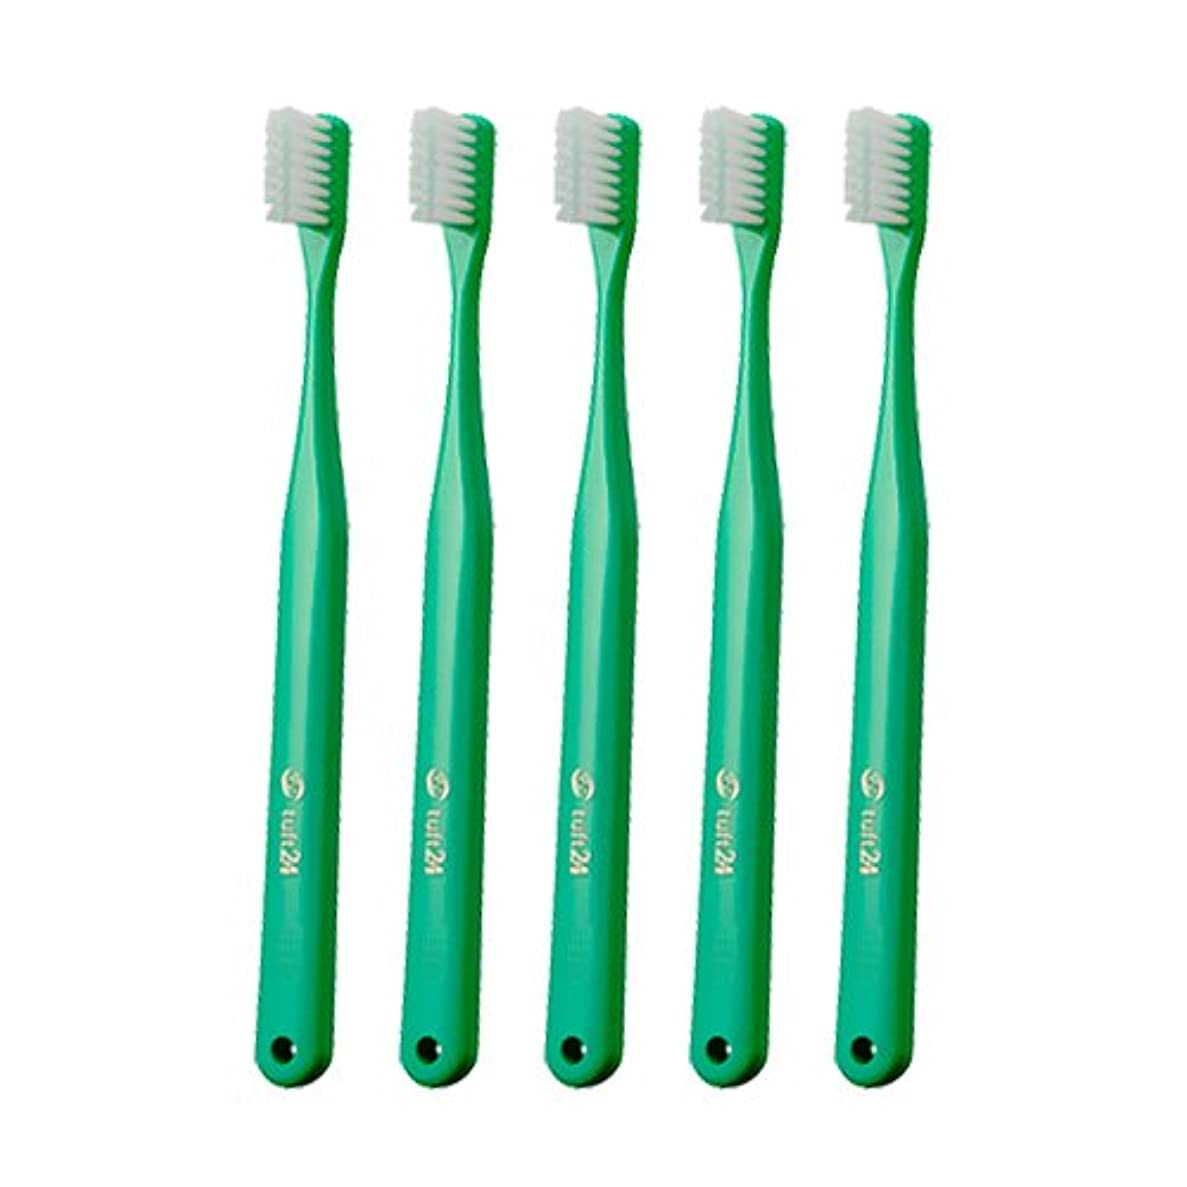 キャップなし タフト24 歯ブラシ × 25本入 M グリーン